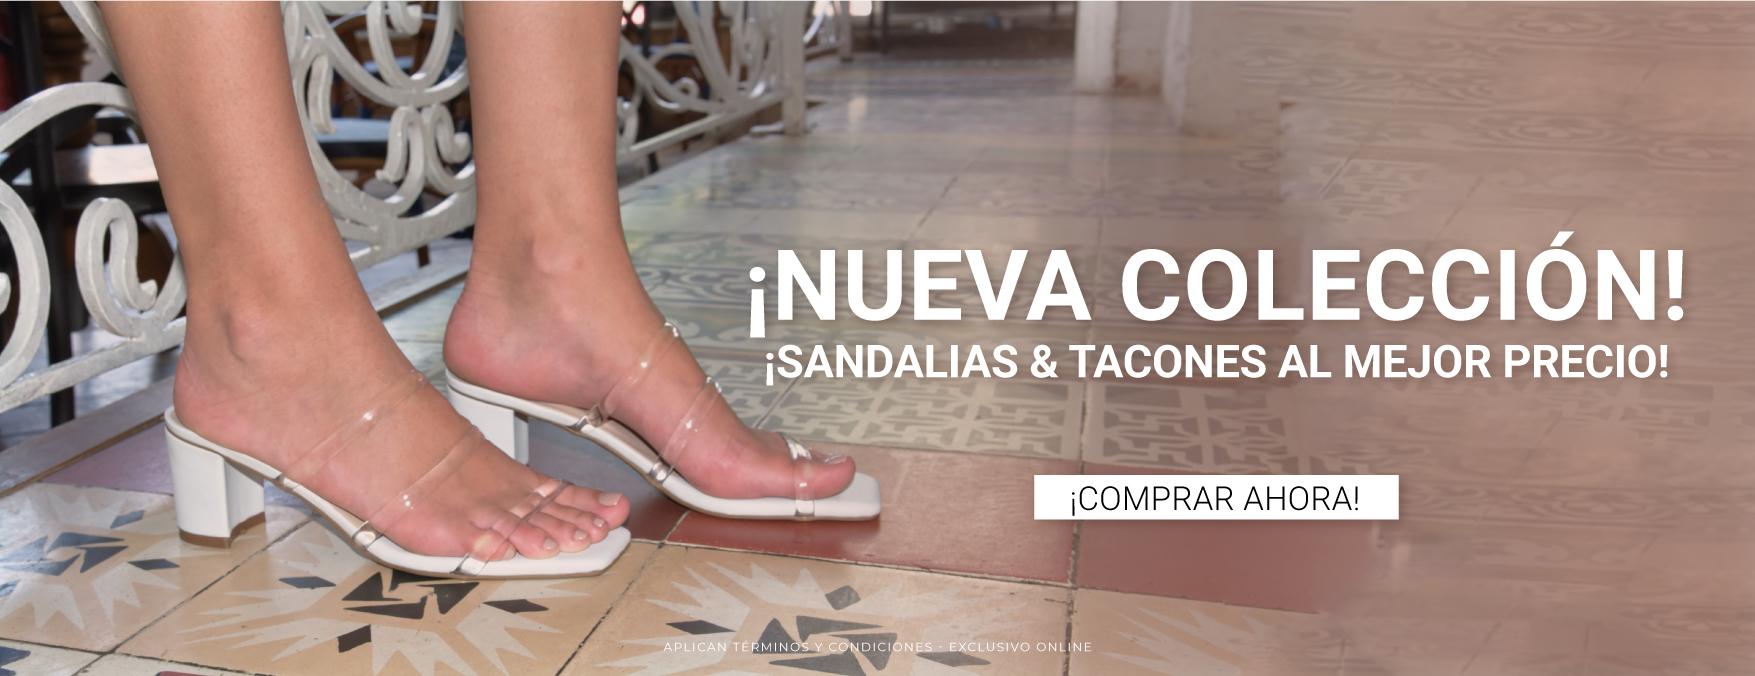 Nueva Colección - tacones